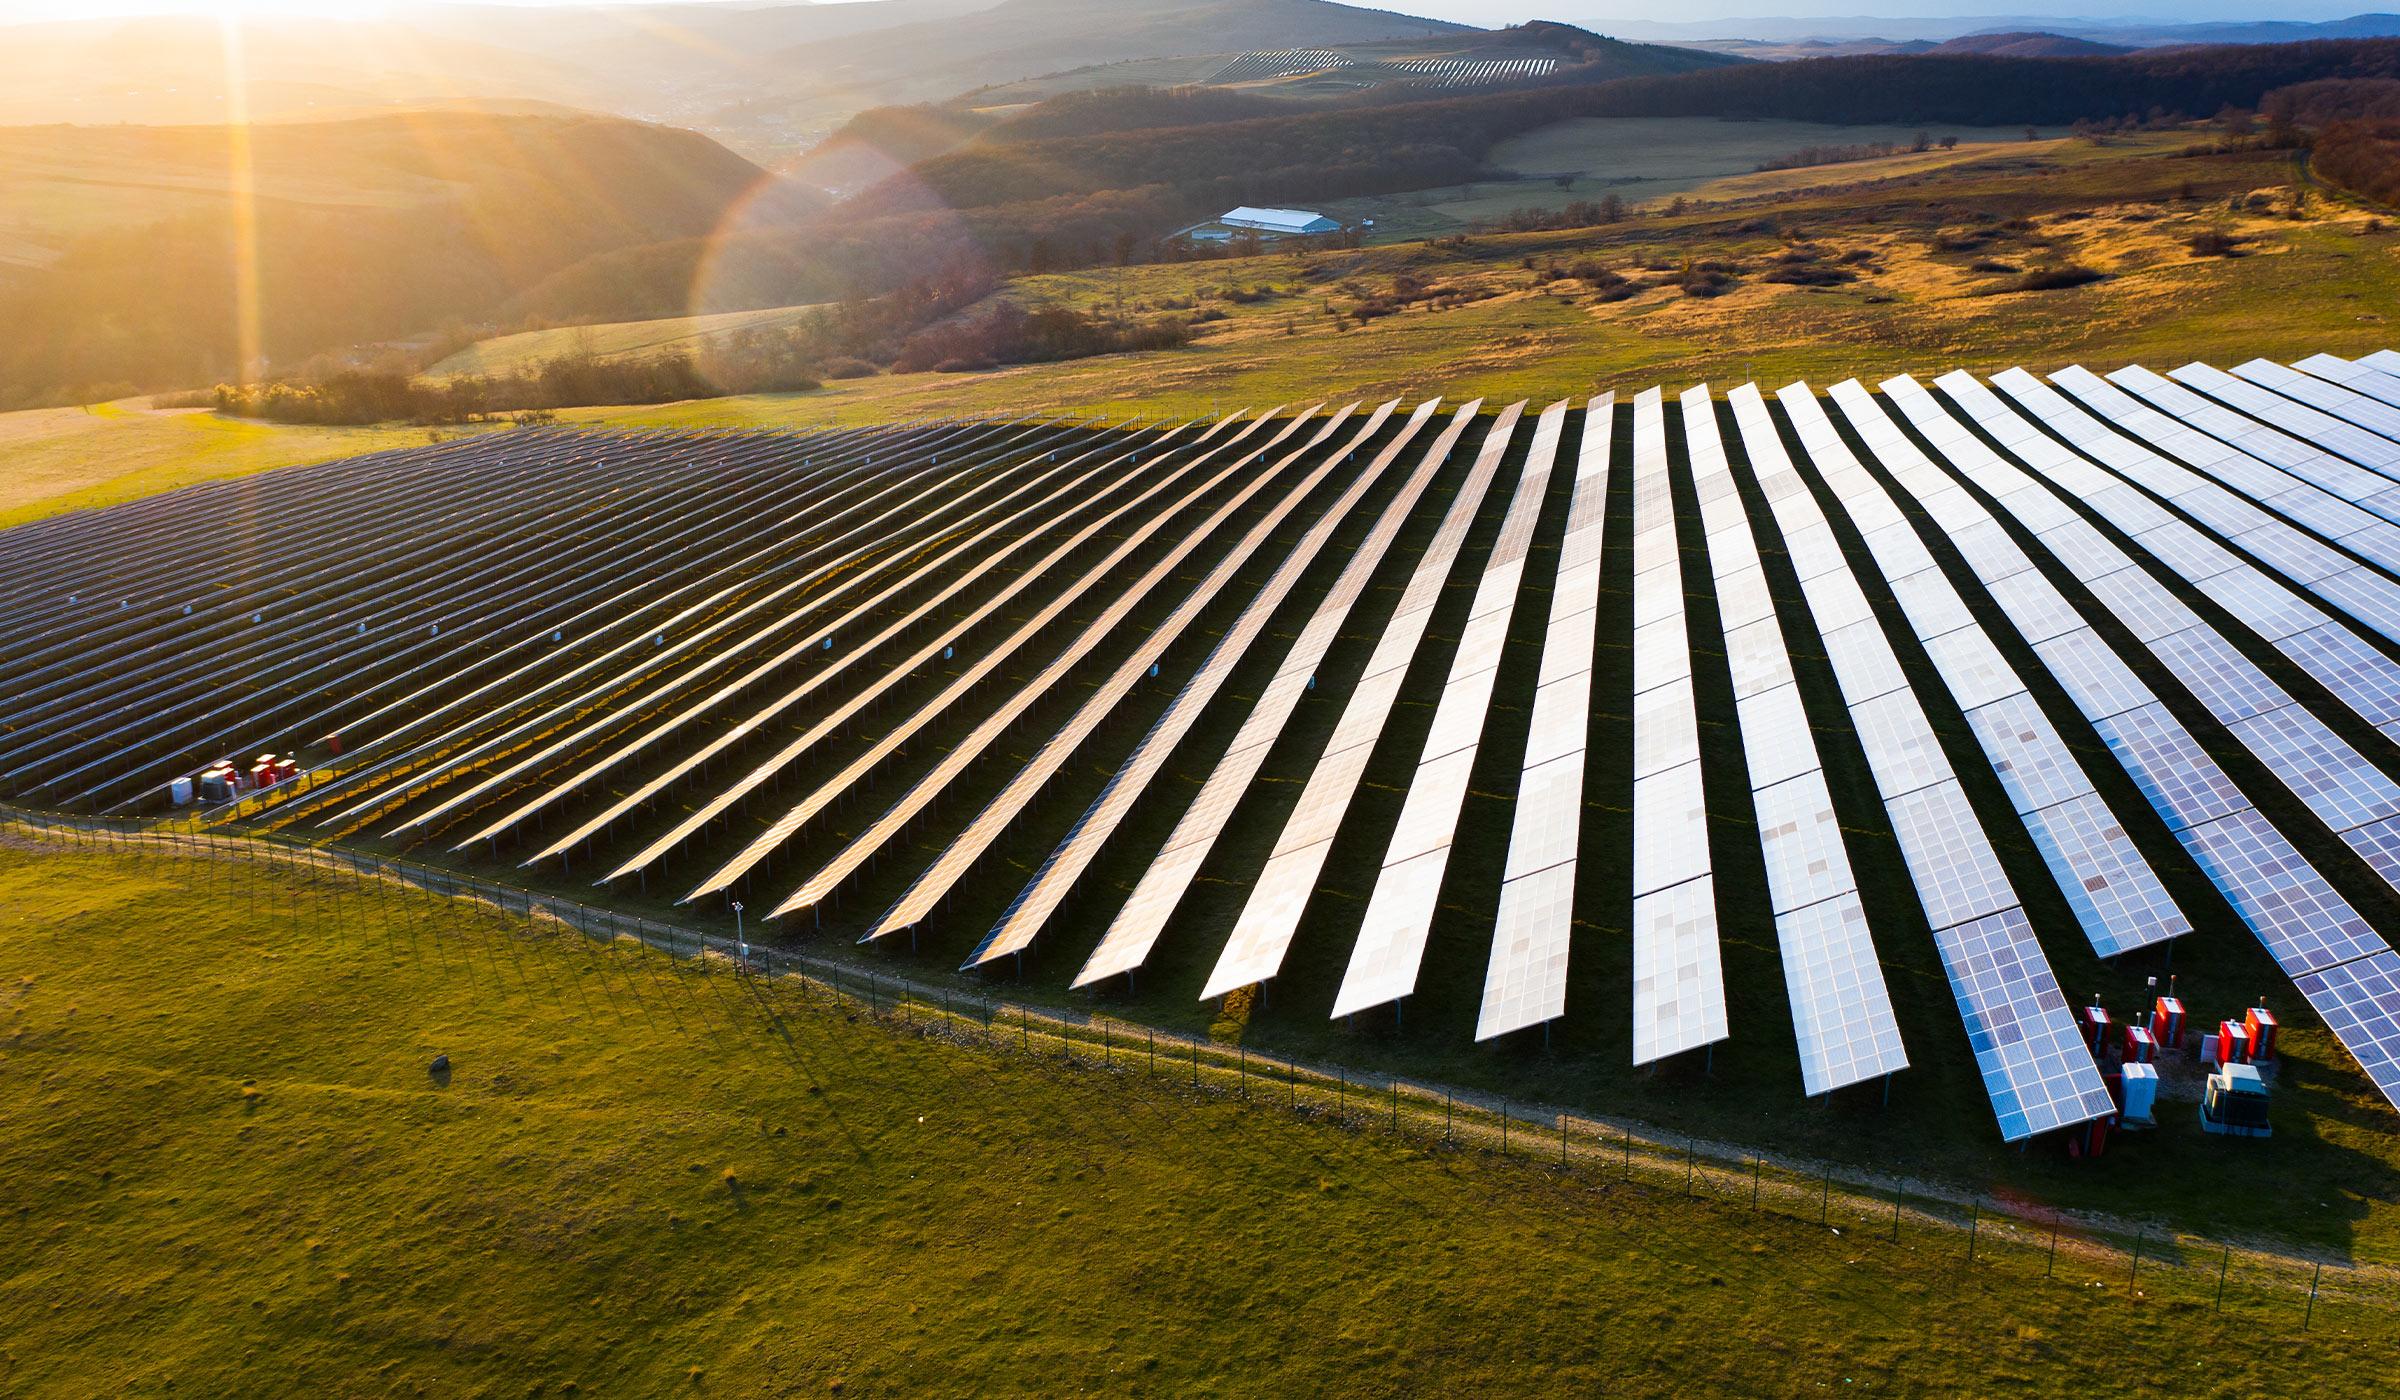 Postgrado en Sostenibilidad, Ambiente y Energía Renovable